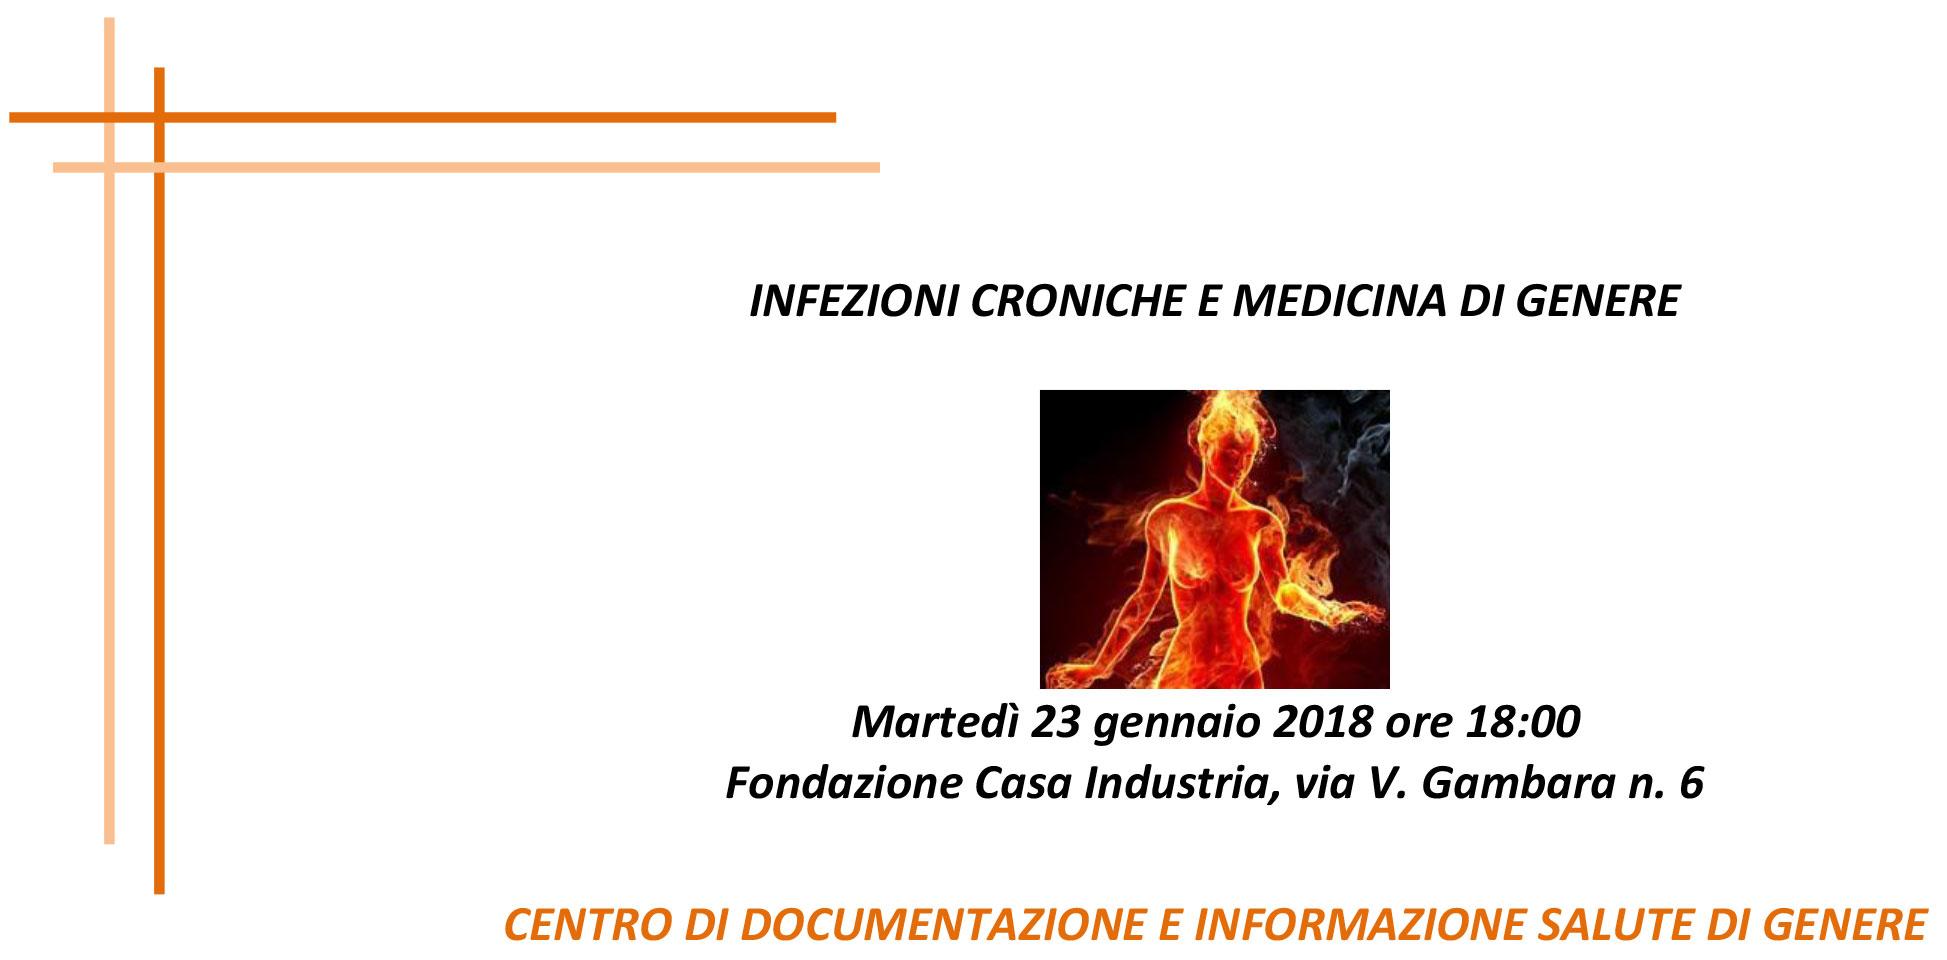 Infezioni croniche e medicina di genere